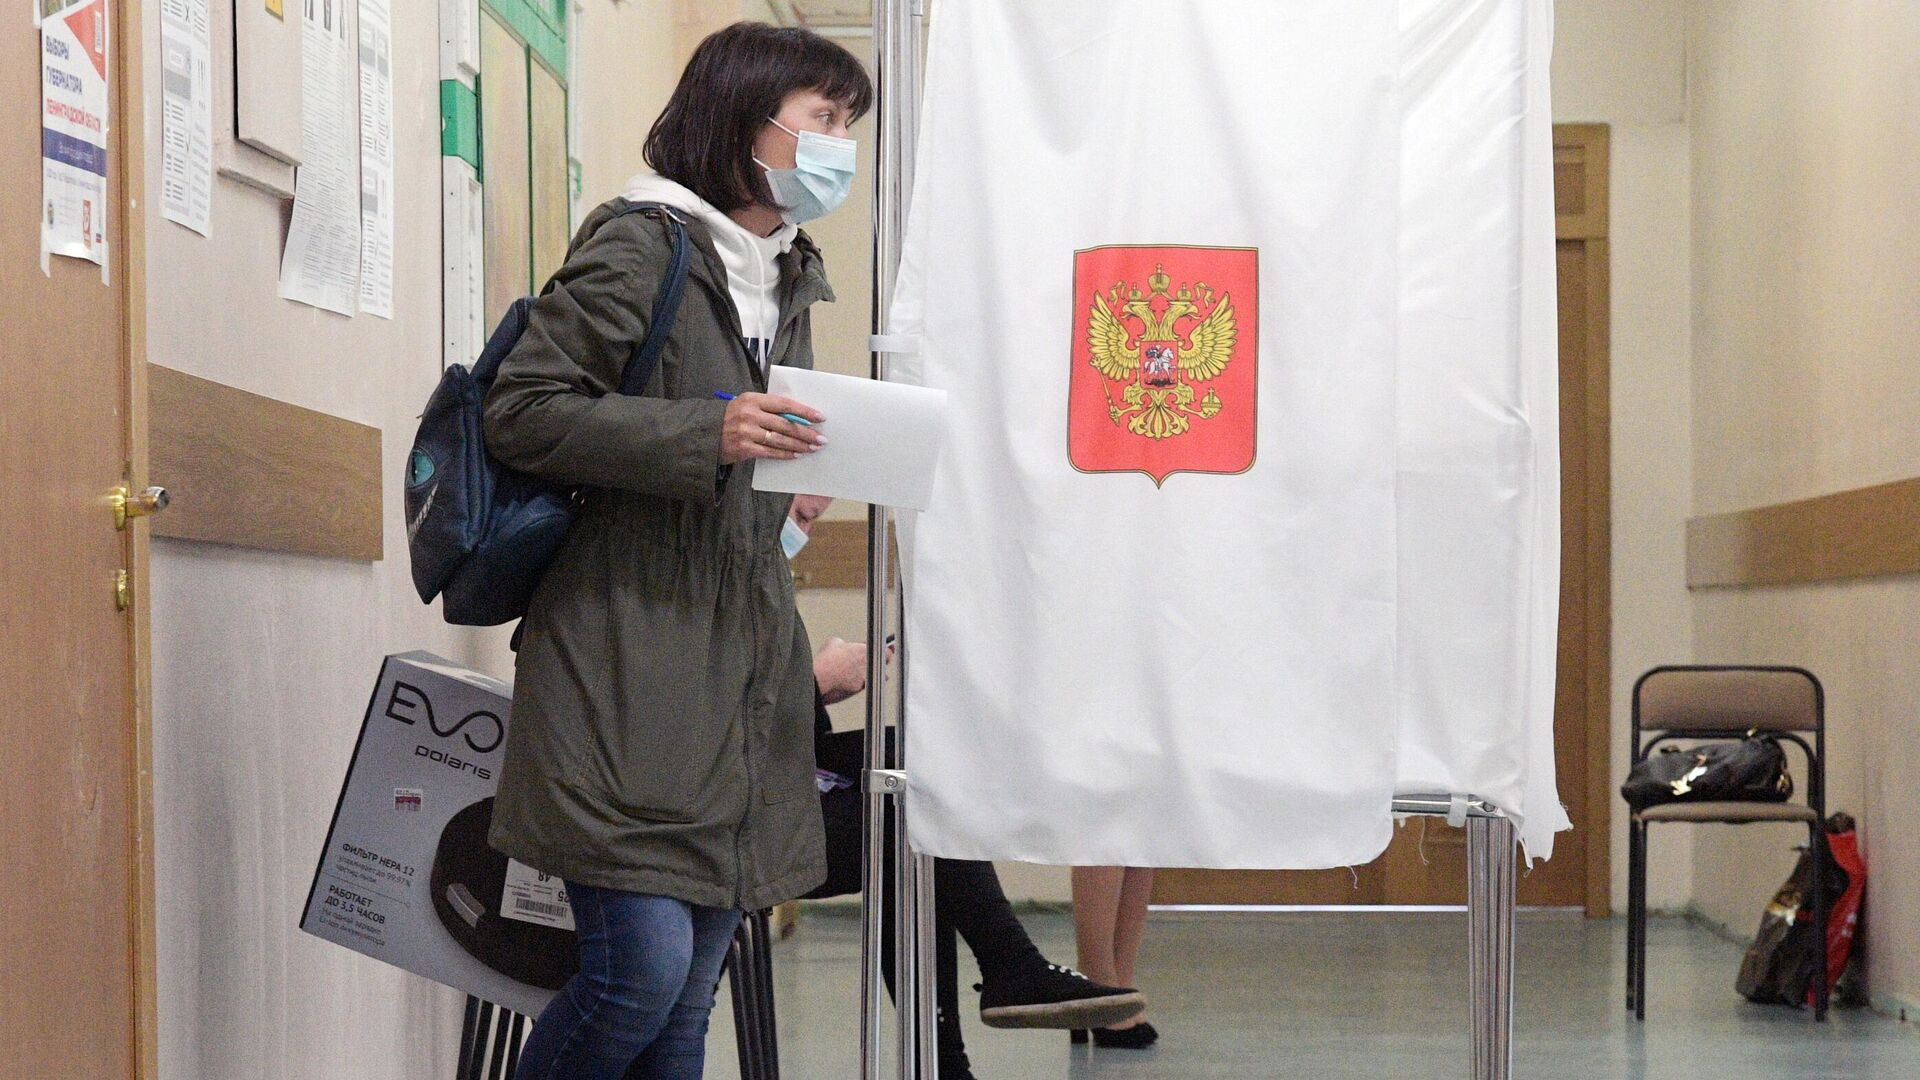 Девушка голосует на избирательном участке - РИА Новости, 1920, 14.09.2020